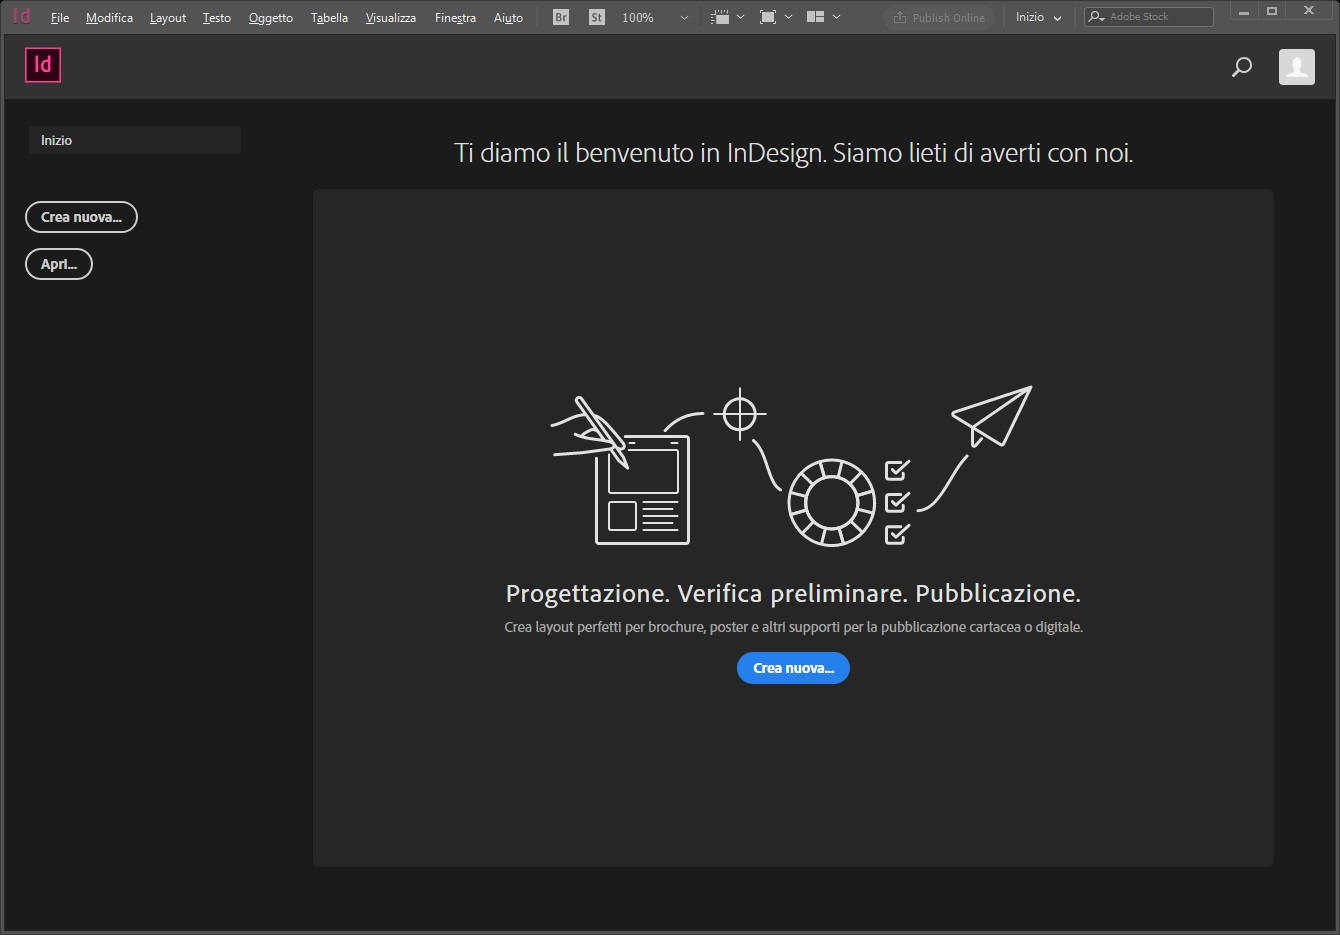 Adobe InDesign 2020 v15.0.1.209 64 Bit - ITA